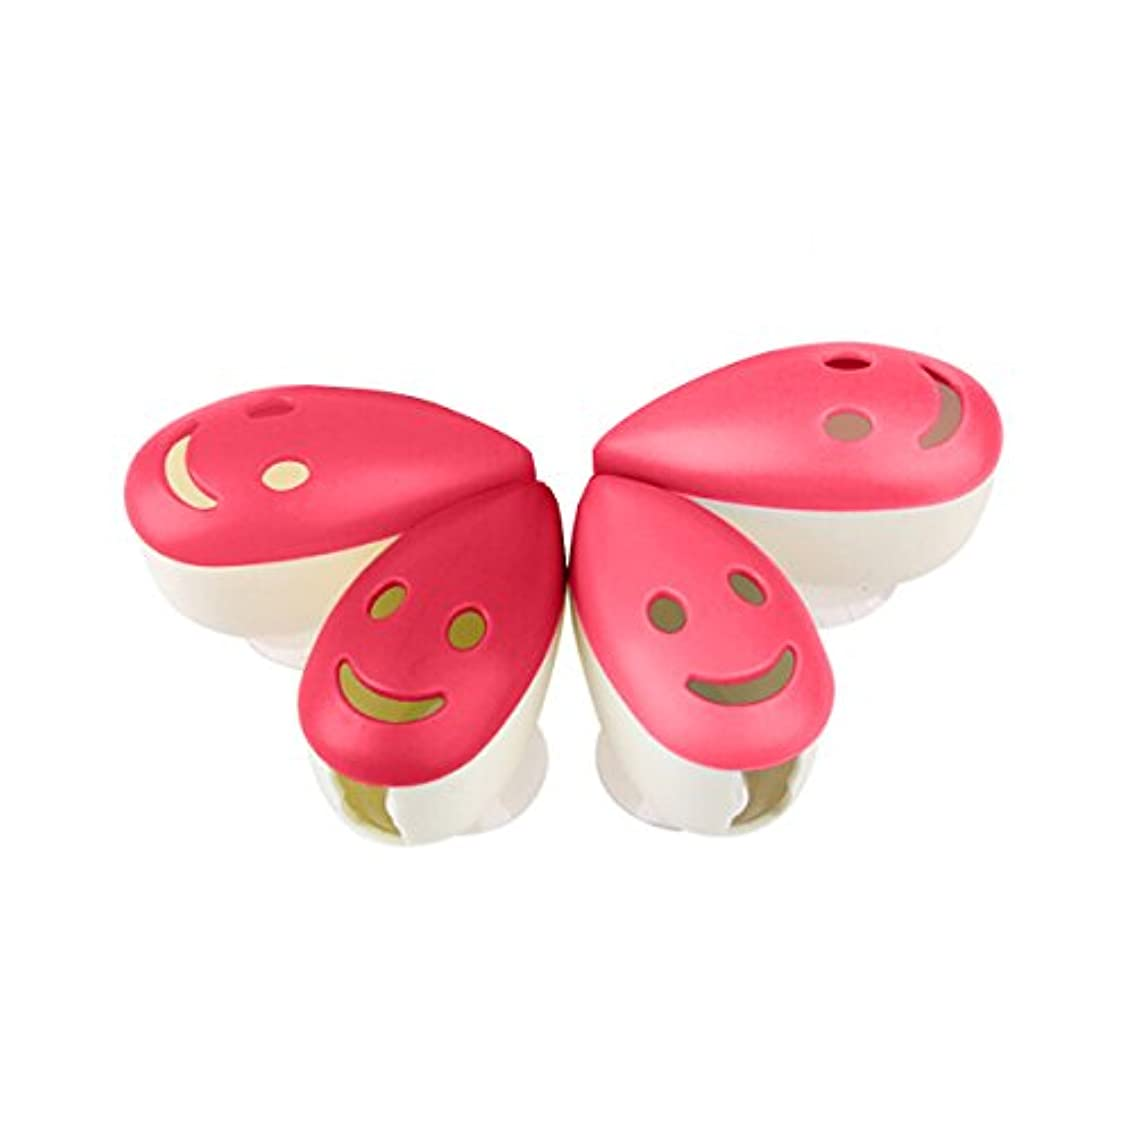 タイプジャム温帯ROSENICE 歯ブラシケース4個のスマイルフェイス抗菌歯ブラシホルダーサクションカップ(混合色)